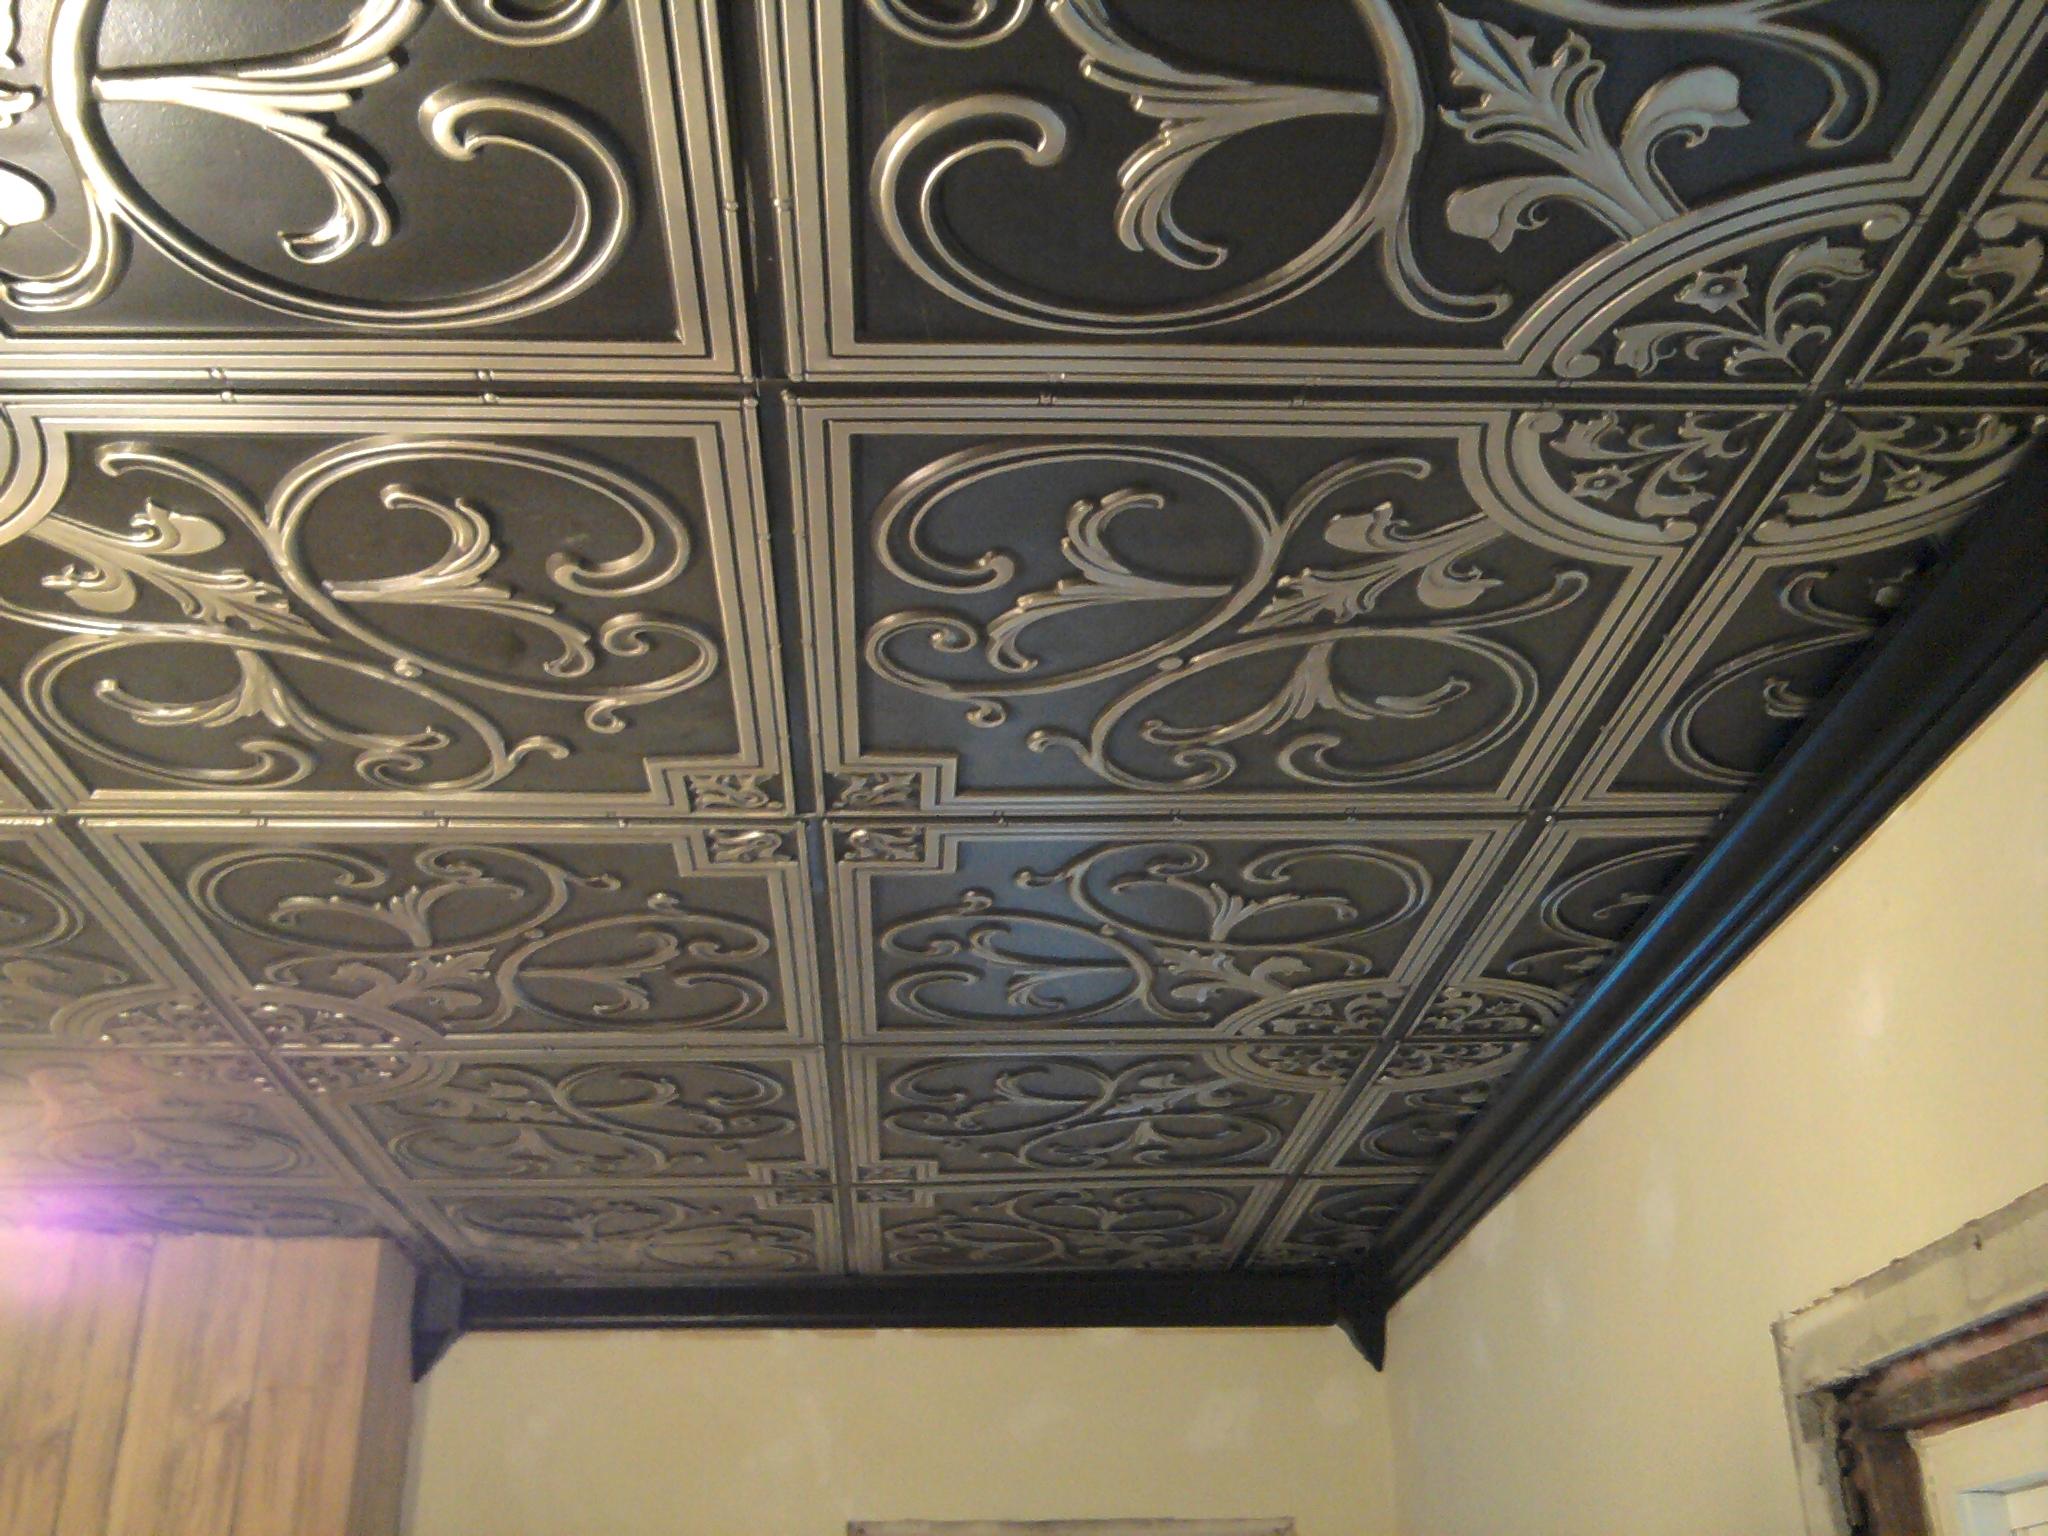 Silver Foam Ceiling Tiles